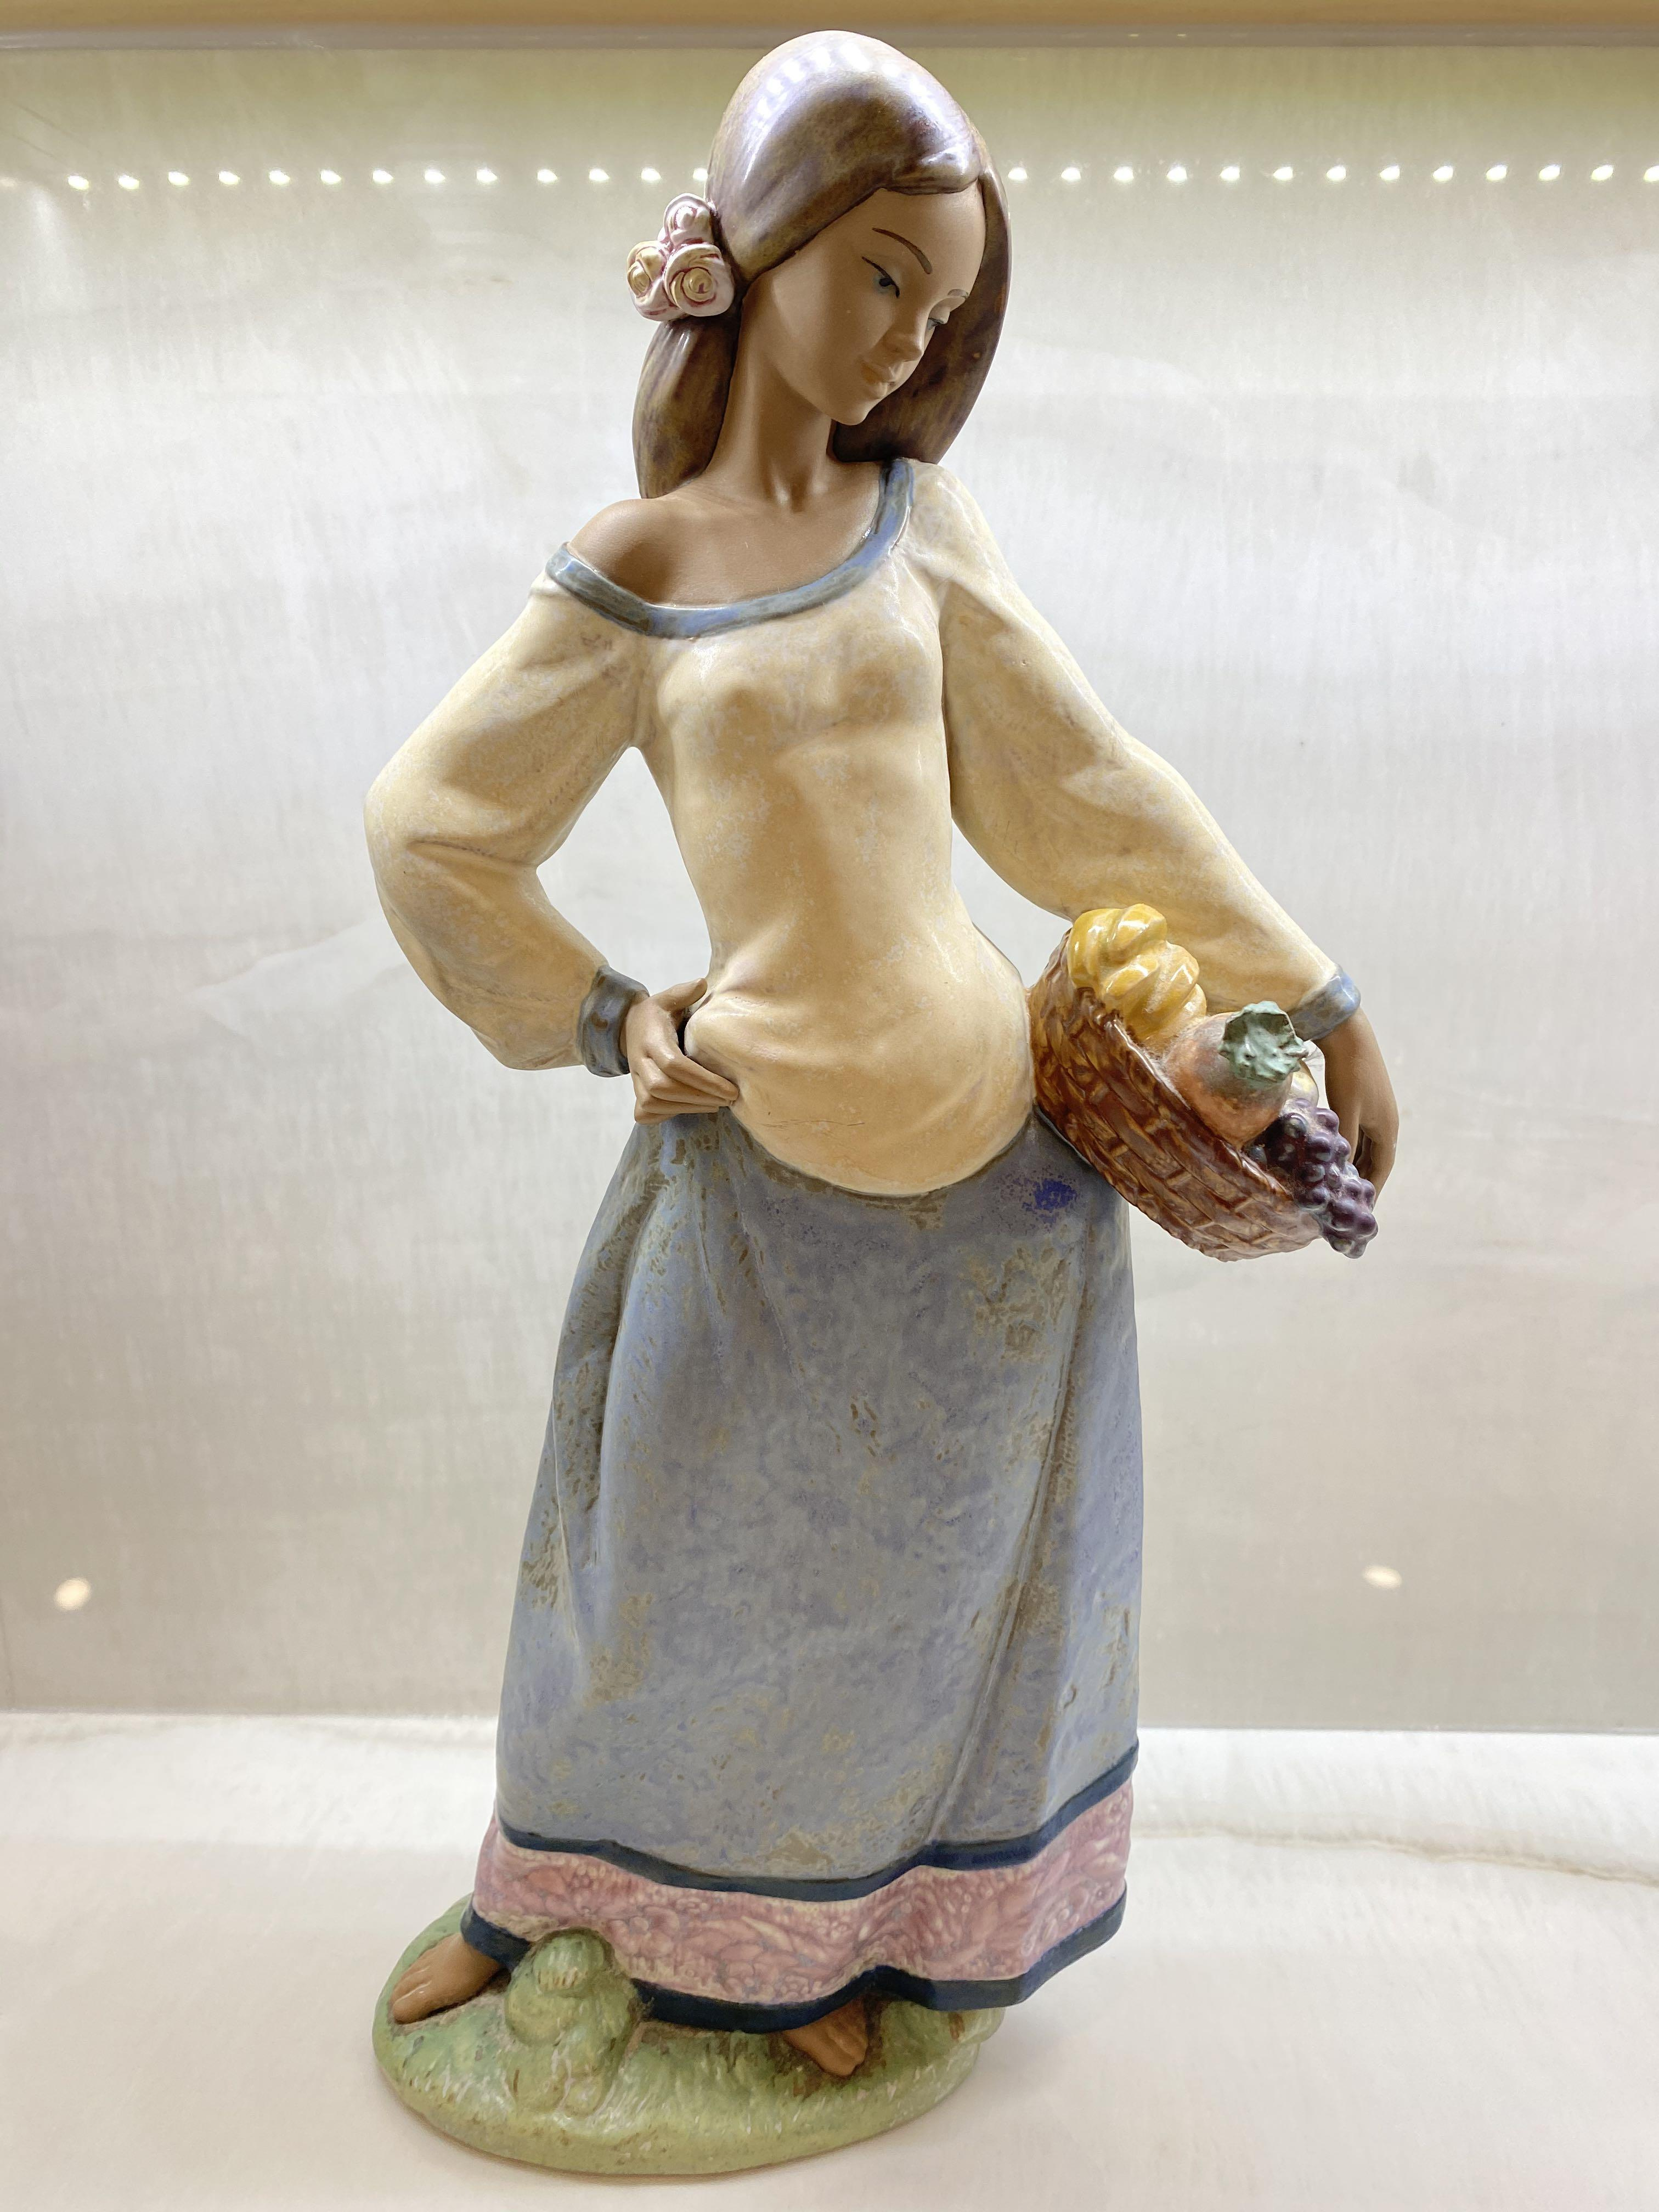 Authentic Lladro statue